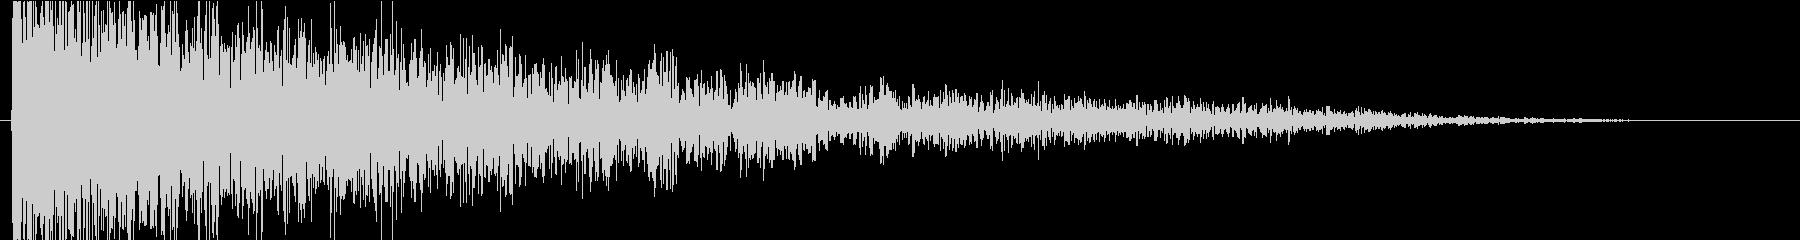 ドーン(巨大な衝撃音)音程DonEの未再生の波形